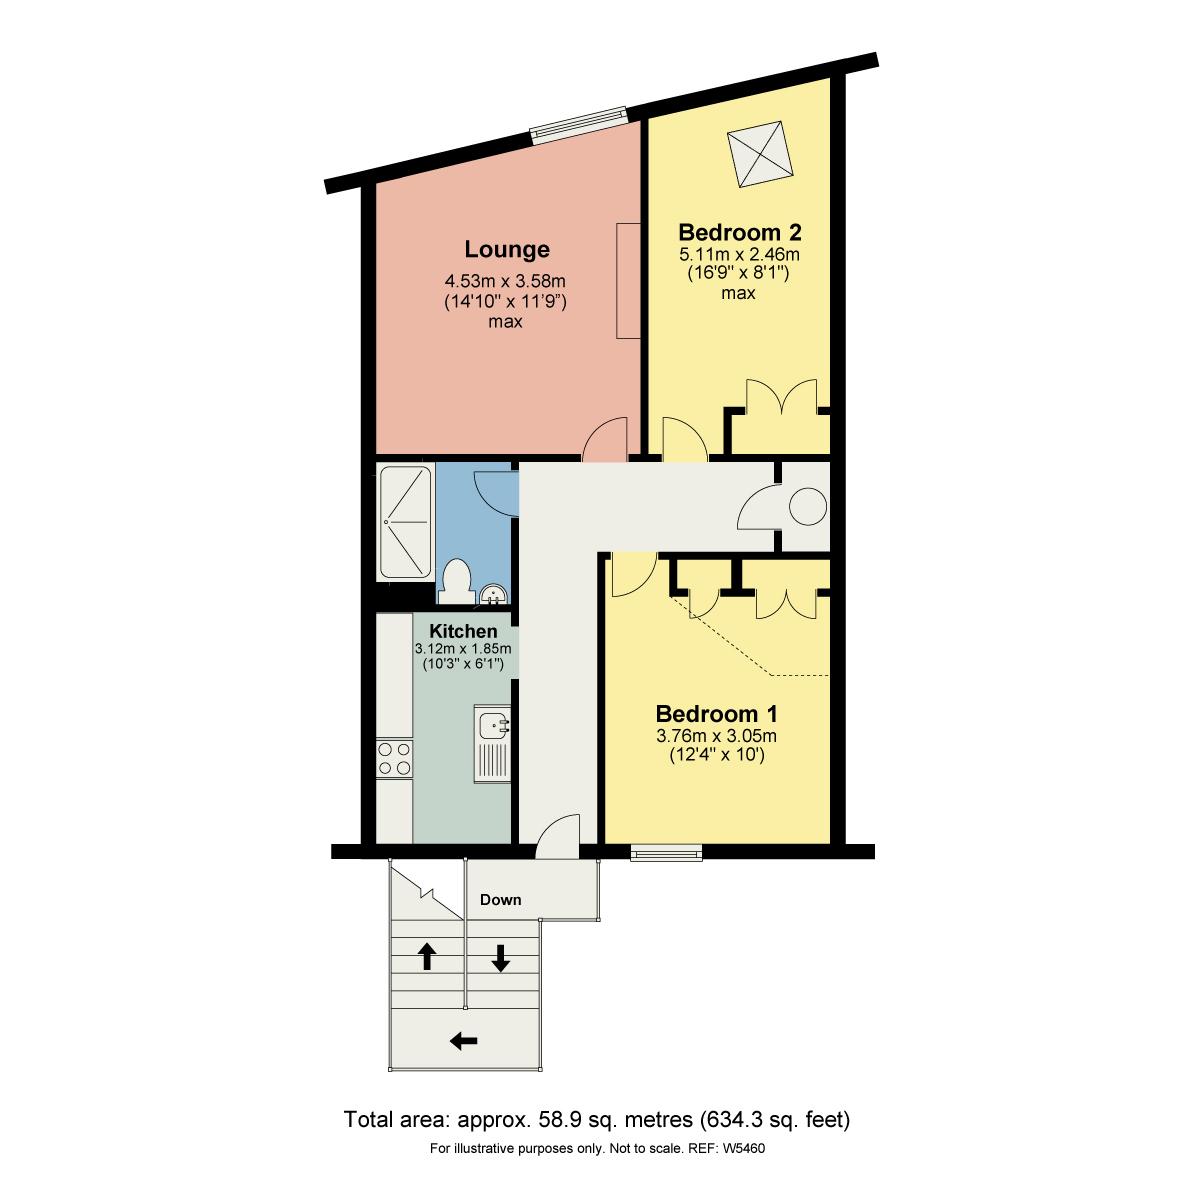 Floorplan Flat 2, 37 Crescent Road, Windermere, Cumbria, LA23 1BL